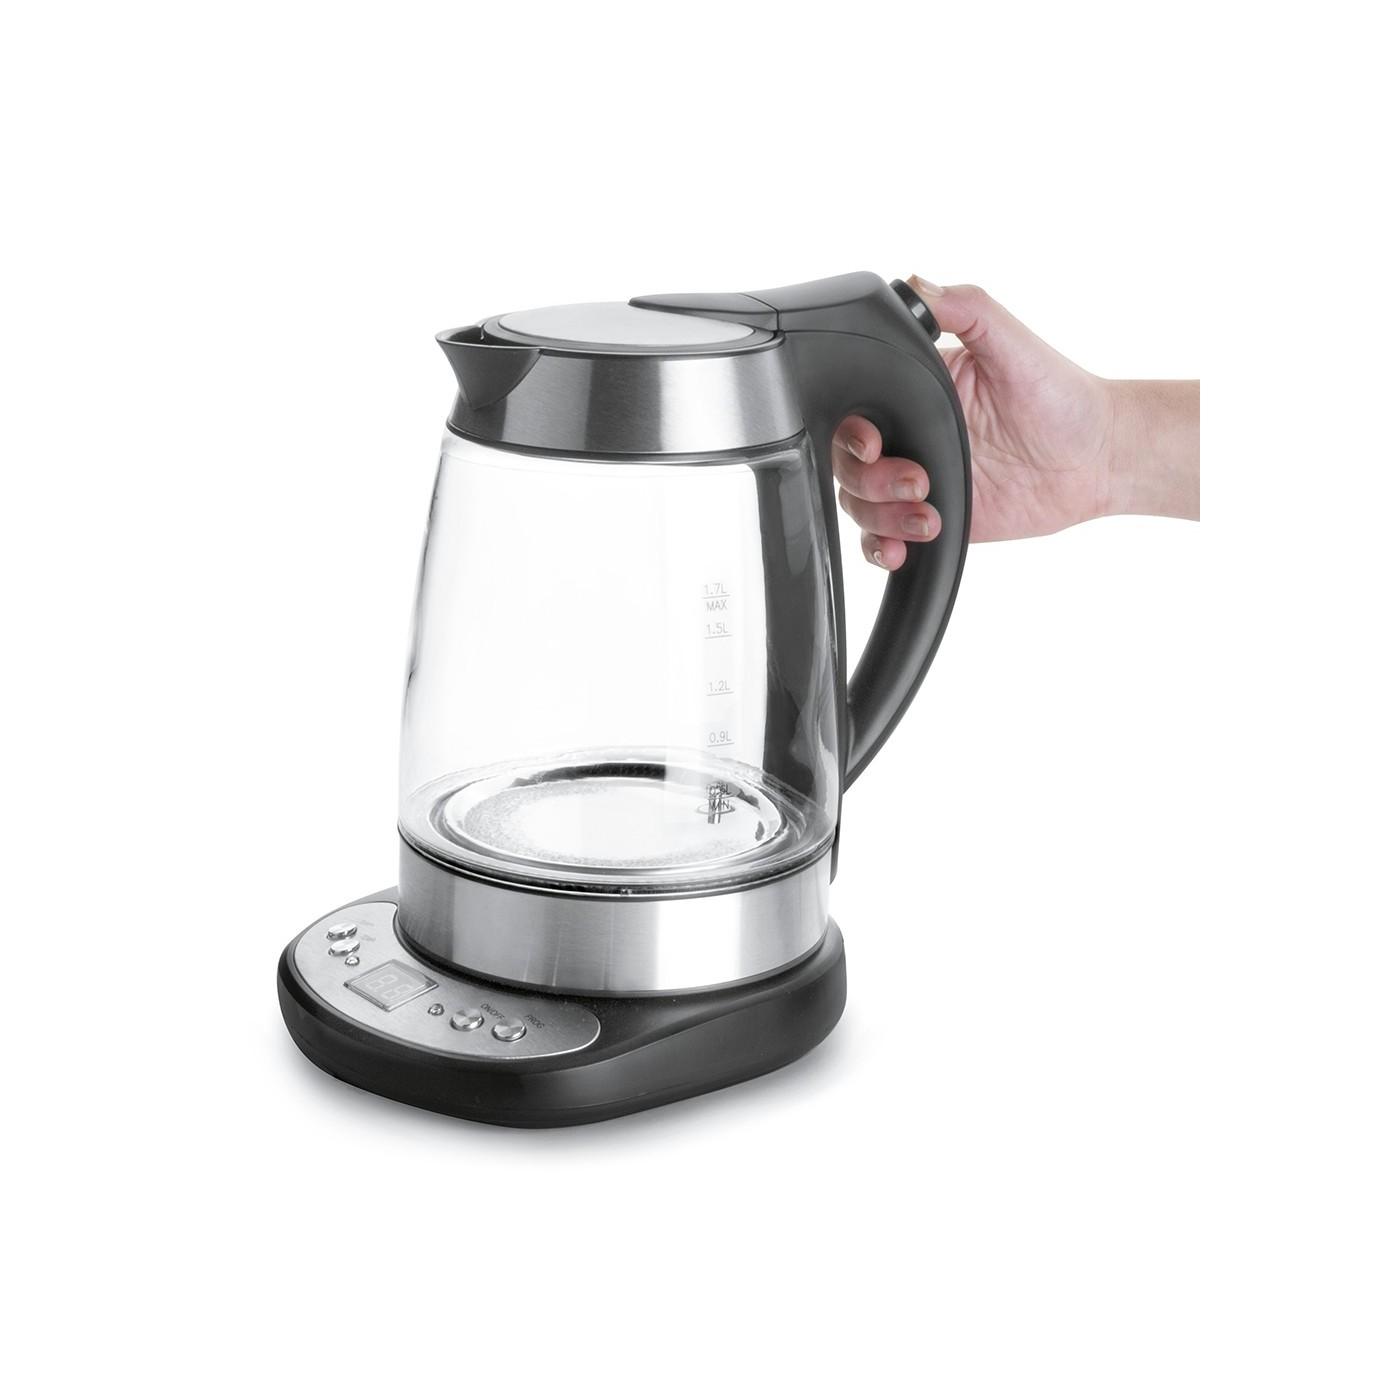 Bouilloire verre lectrique temp rature r glable - Bouilloire a temperature reglable ...